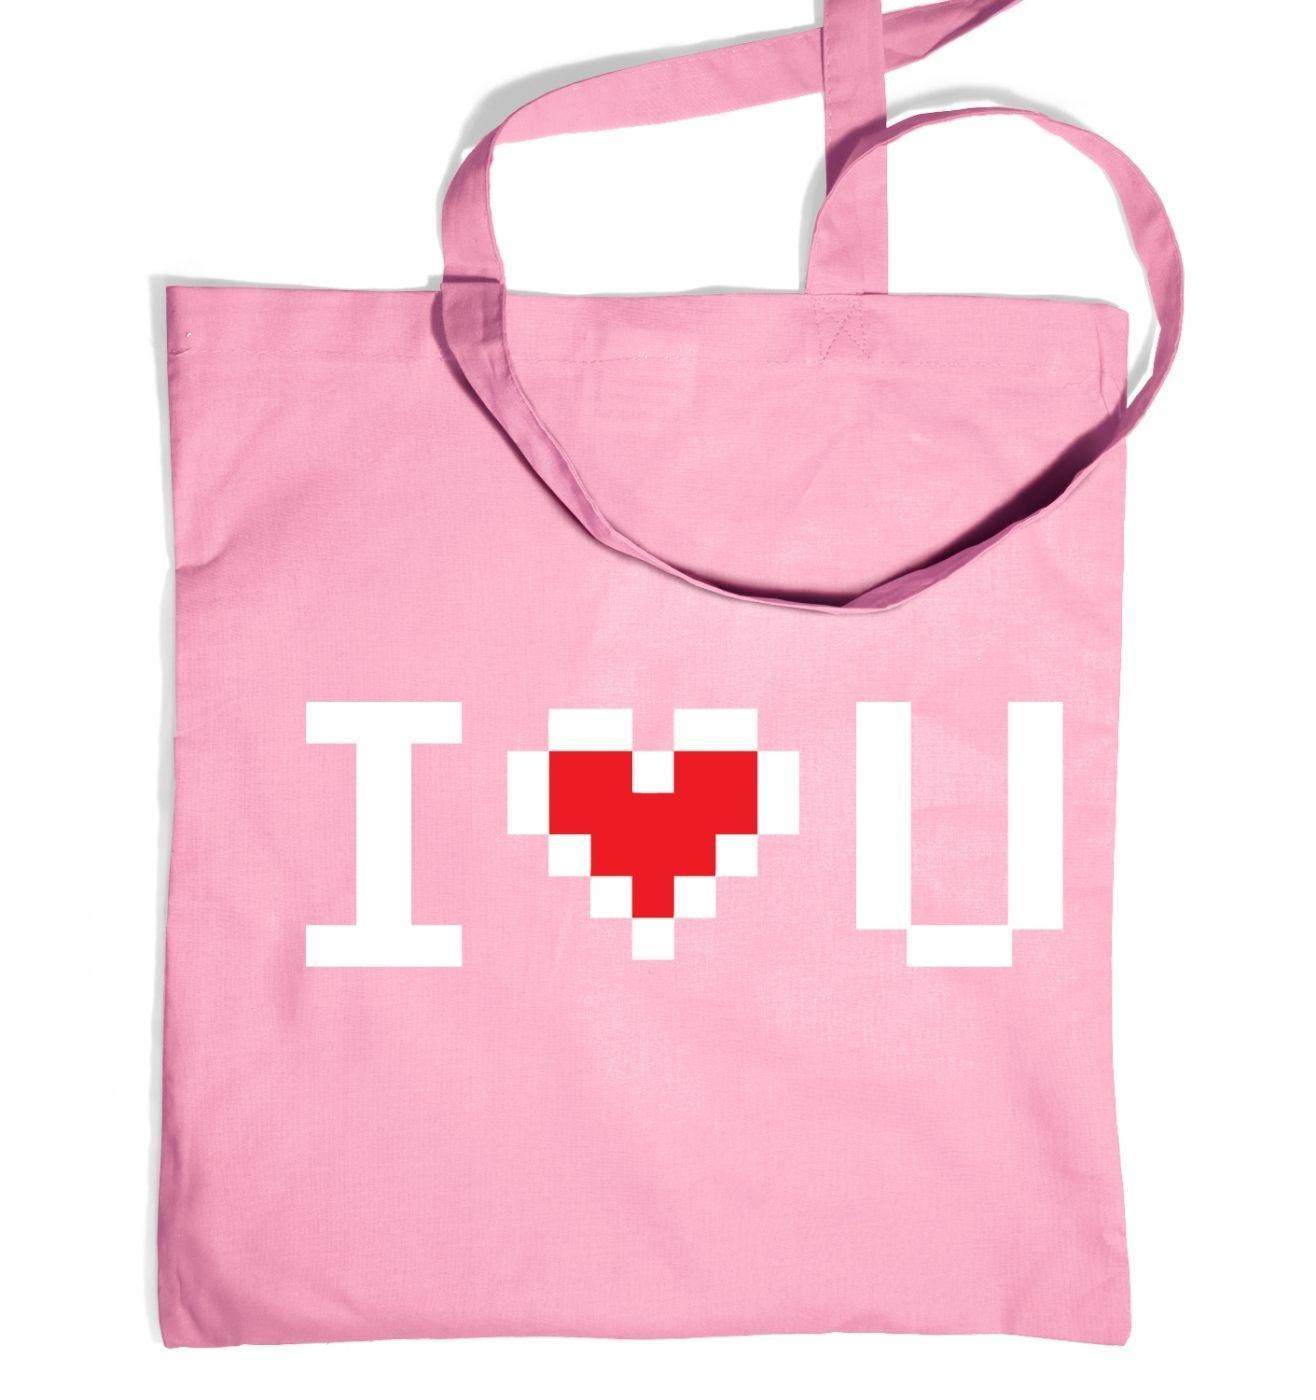 Pixelated I Heart U tote bag